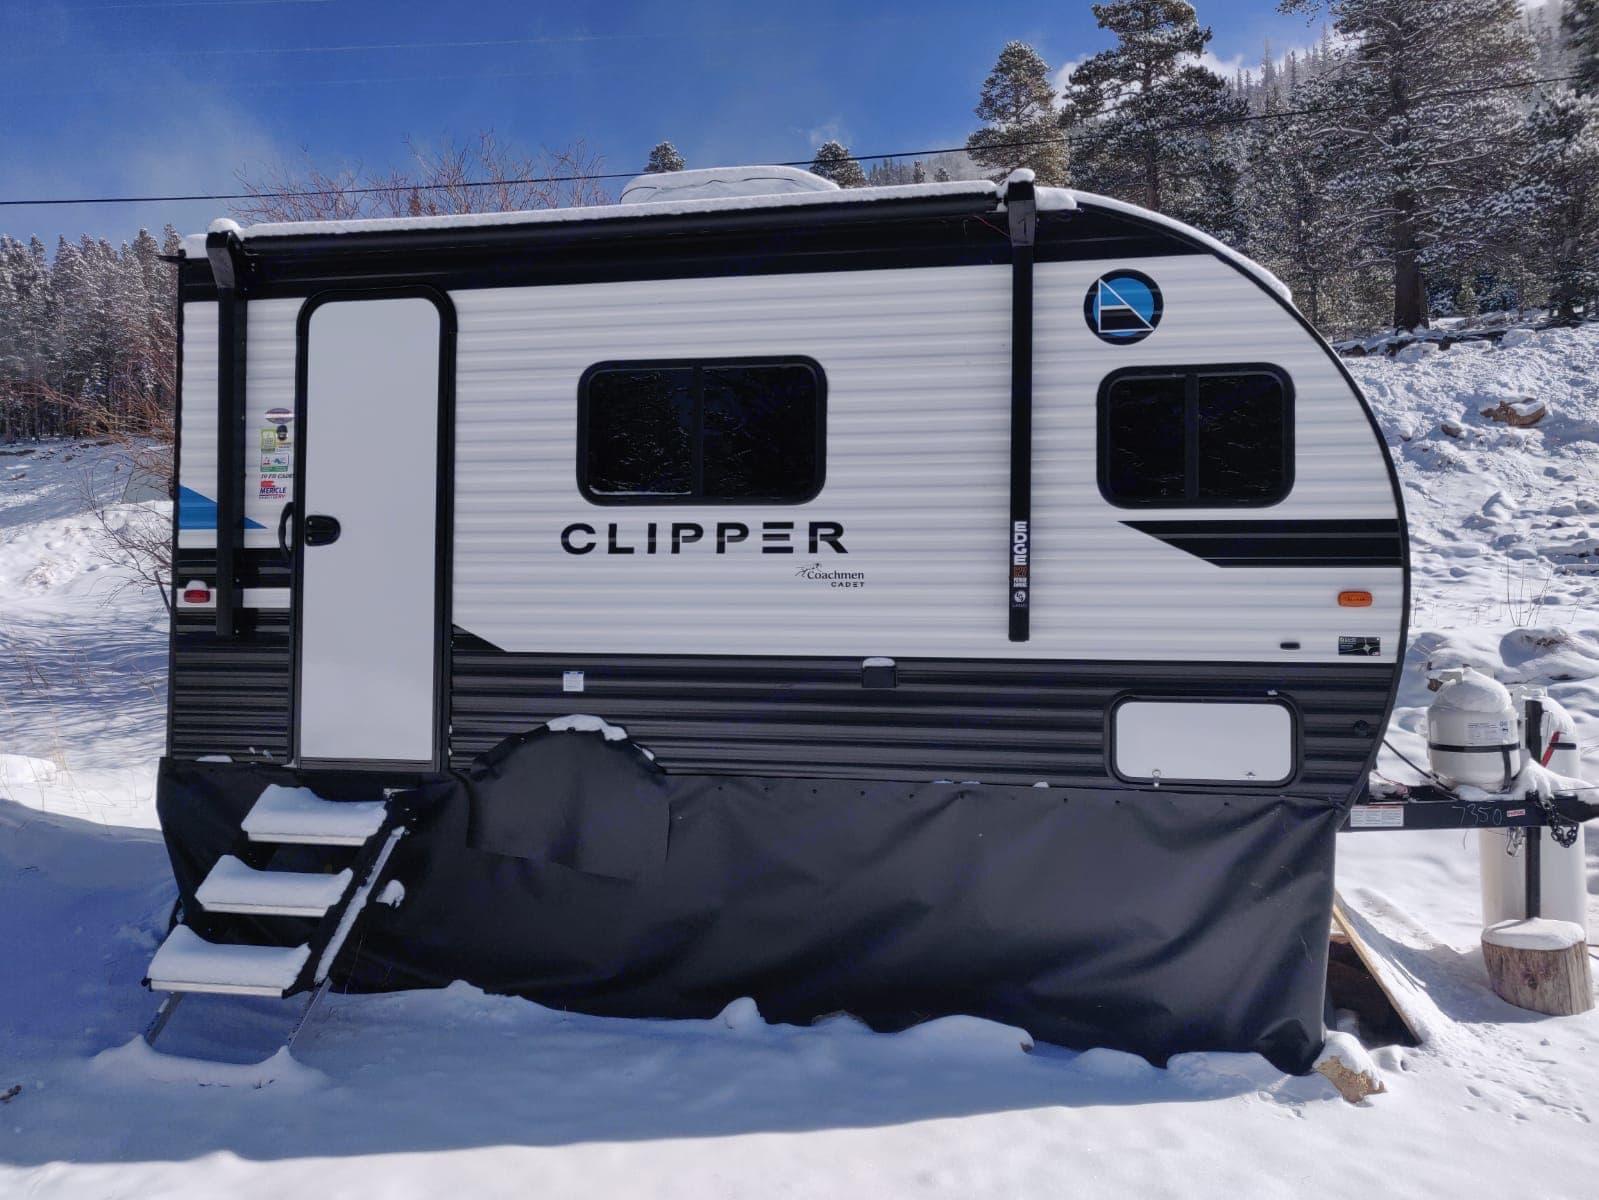 Camping in the Colorado snow. Coachmen Clipper 2021